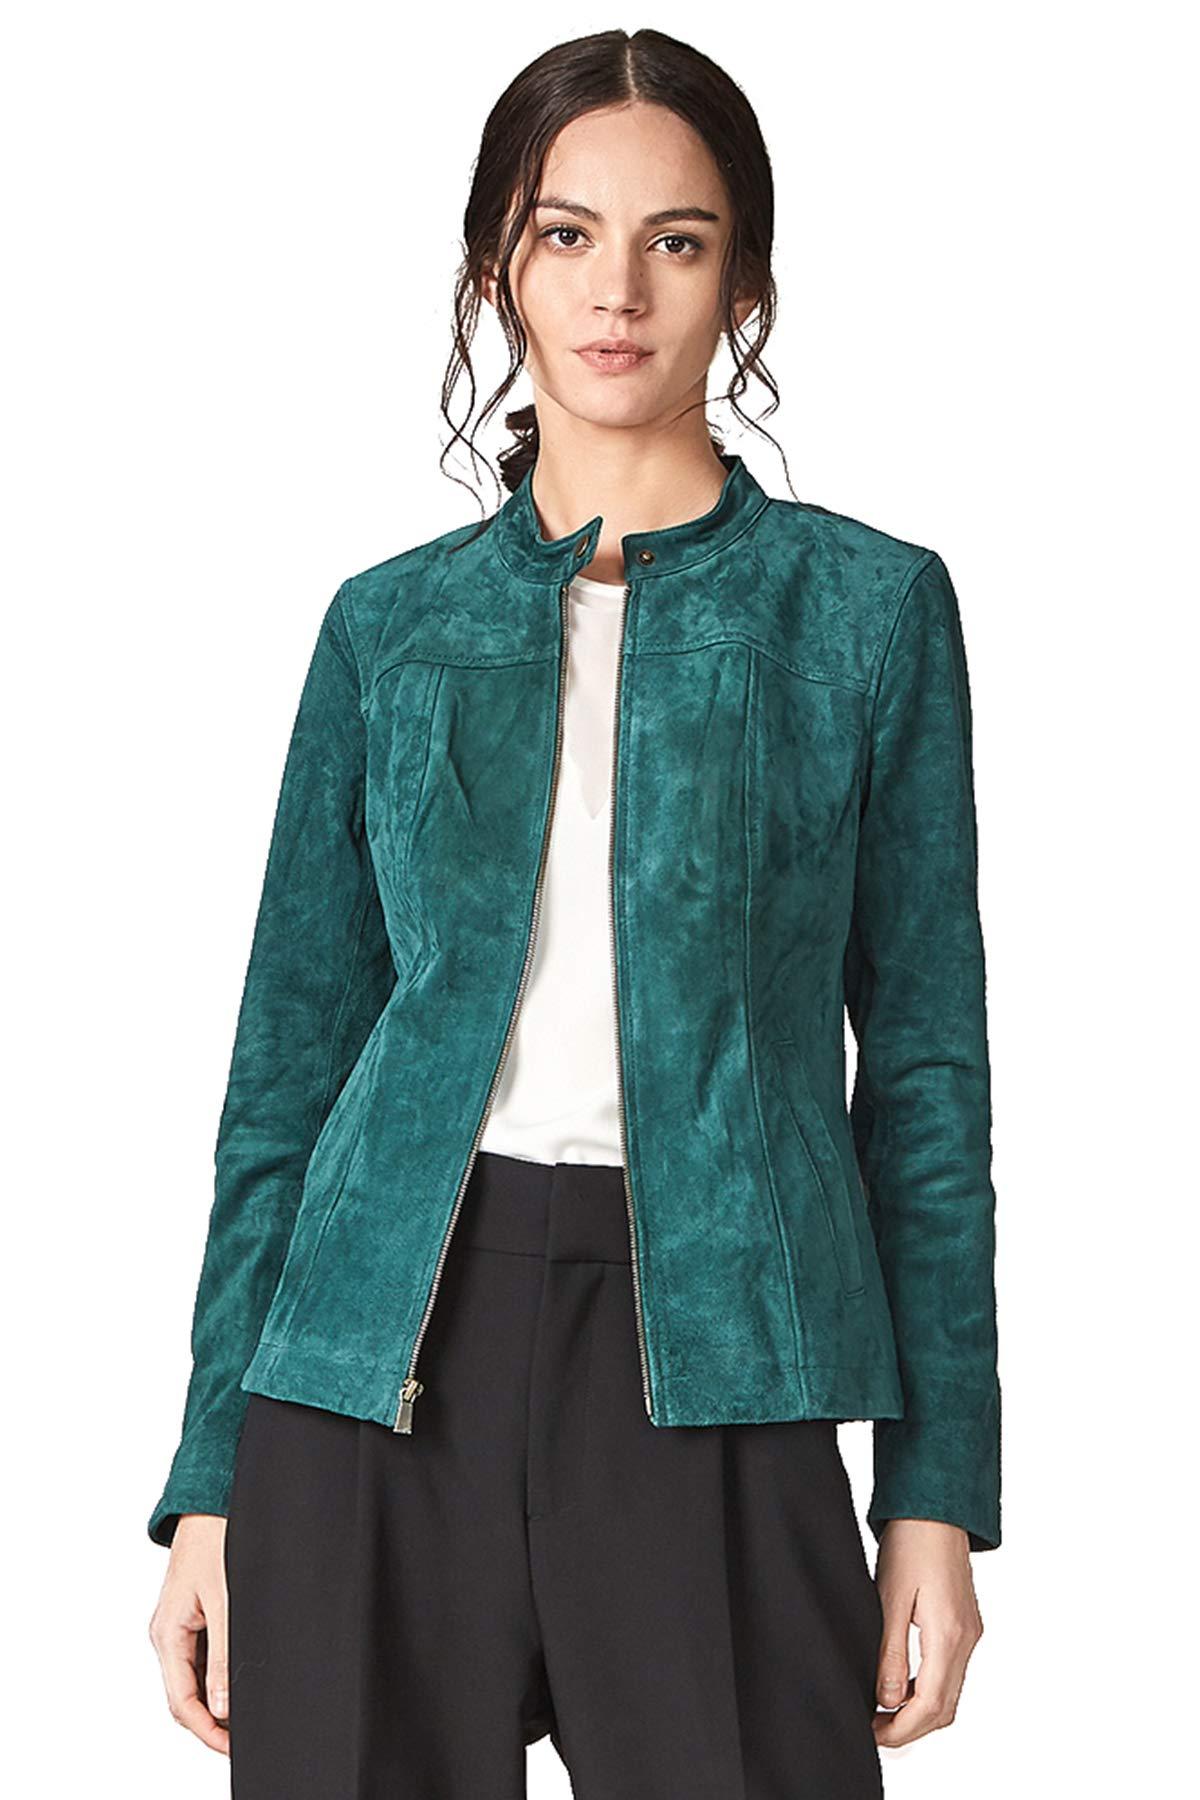 Escalier Women`s Genuine Leather Jacket Suede Moto Jackets Green M